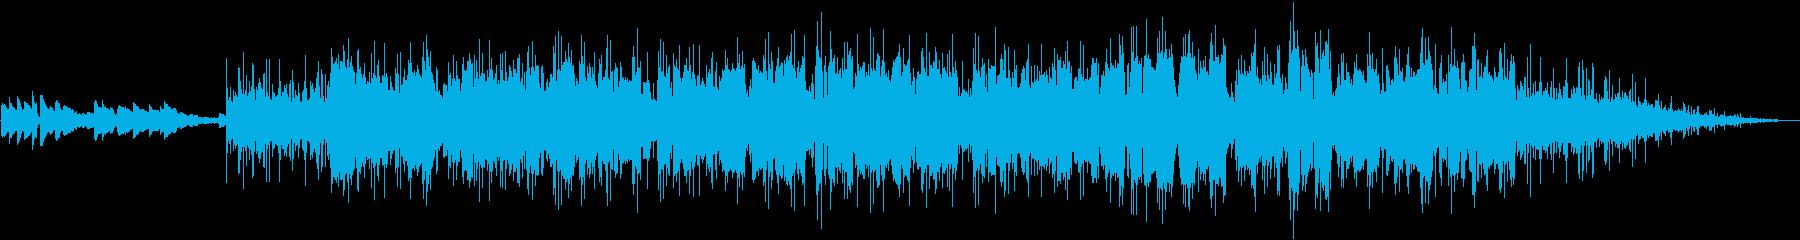 アルトサックスの軽快なフュージョンの再生済みの波形